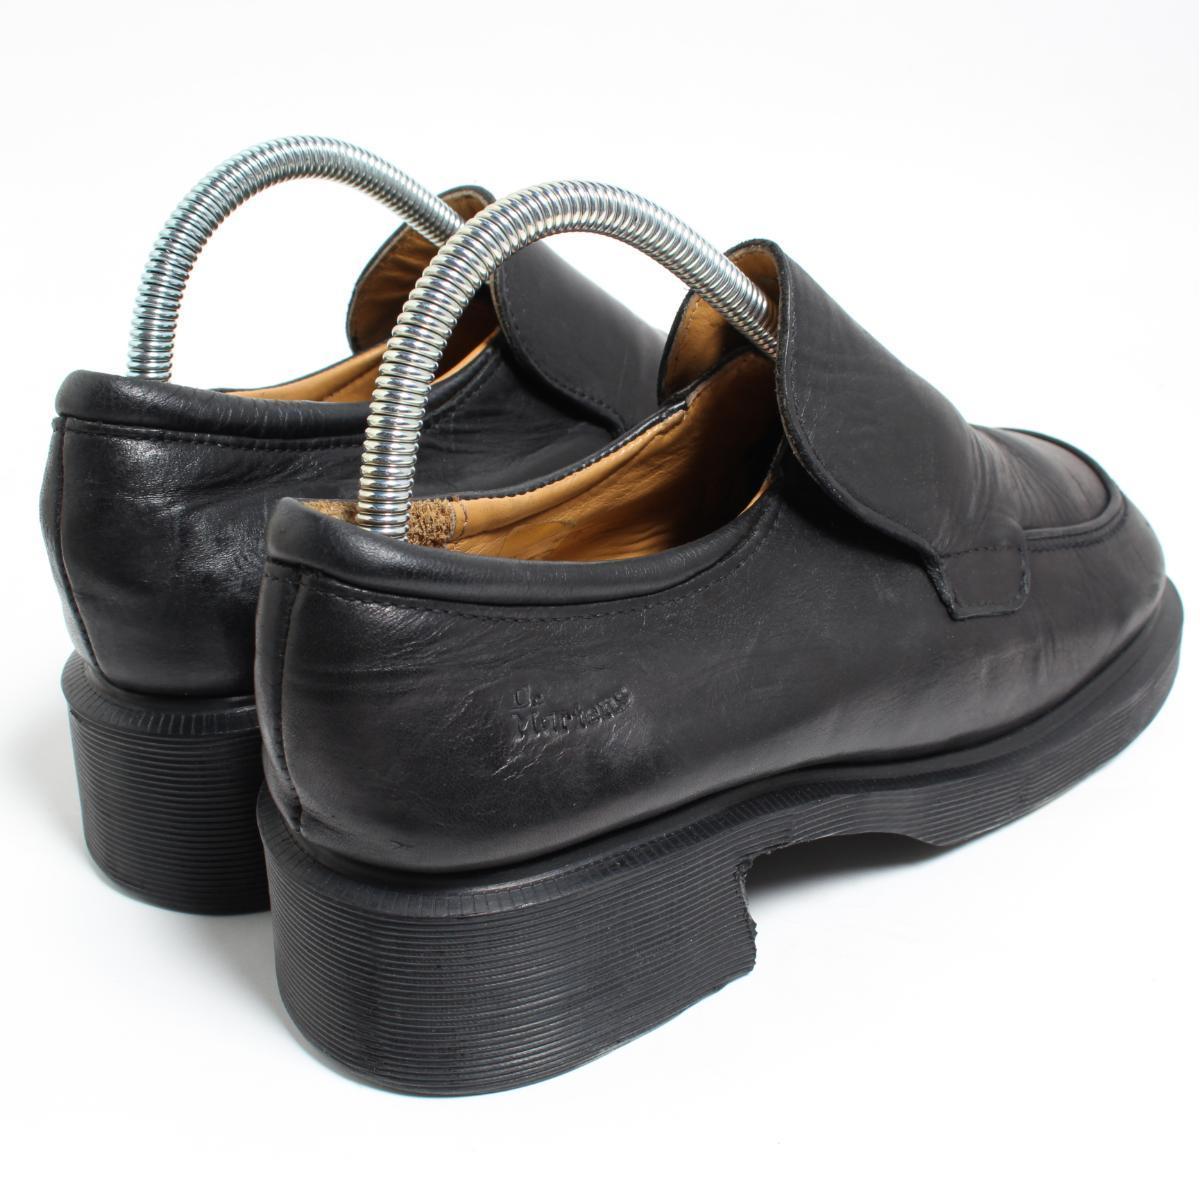 UK7 men 25.5cm /bon1076 made in the doctor Martin Dr.Martens slip-on shoes U.K.